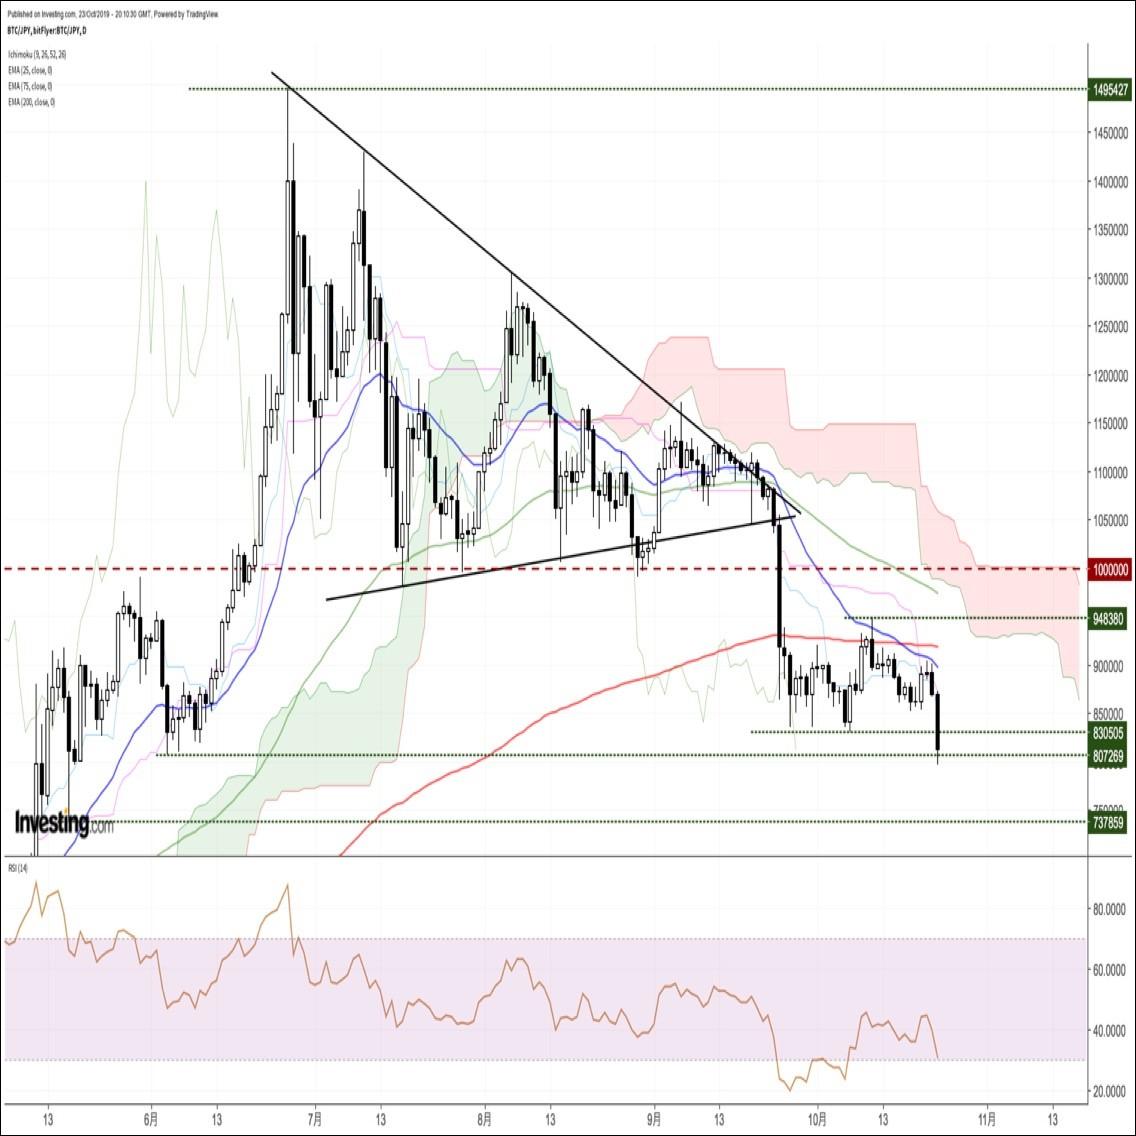 ビットコイン円、約5ヶ月ぶり安値圏へと急反落。ガンマショートに要警戒